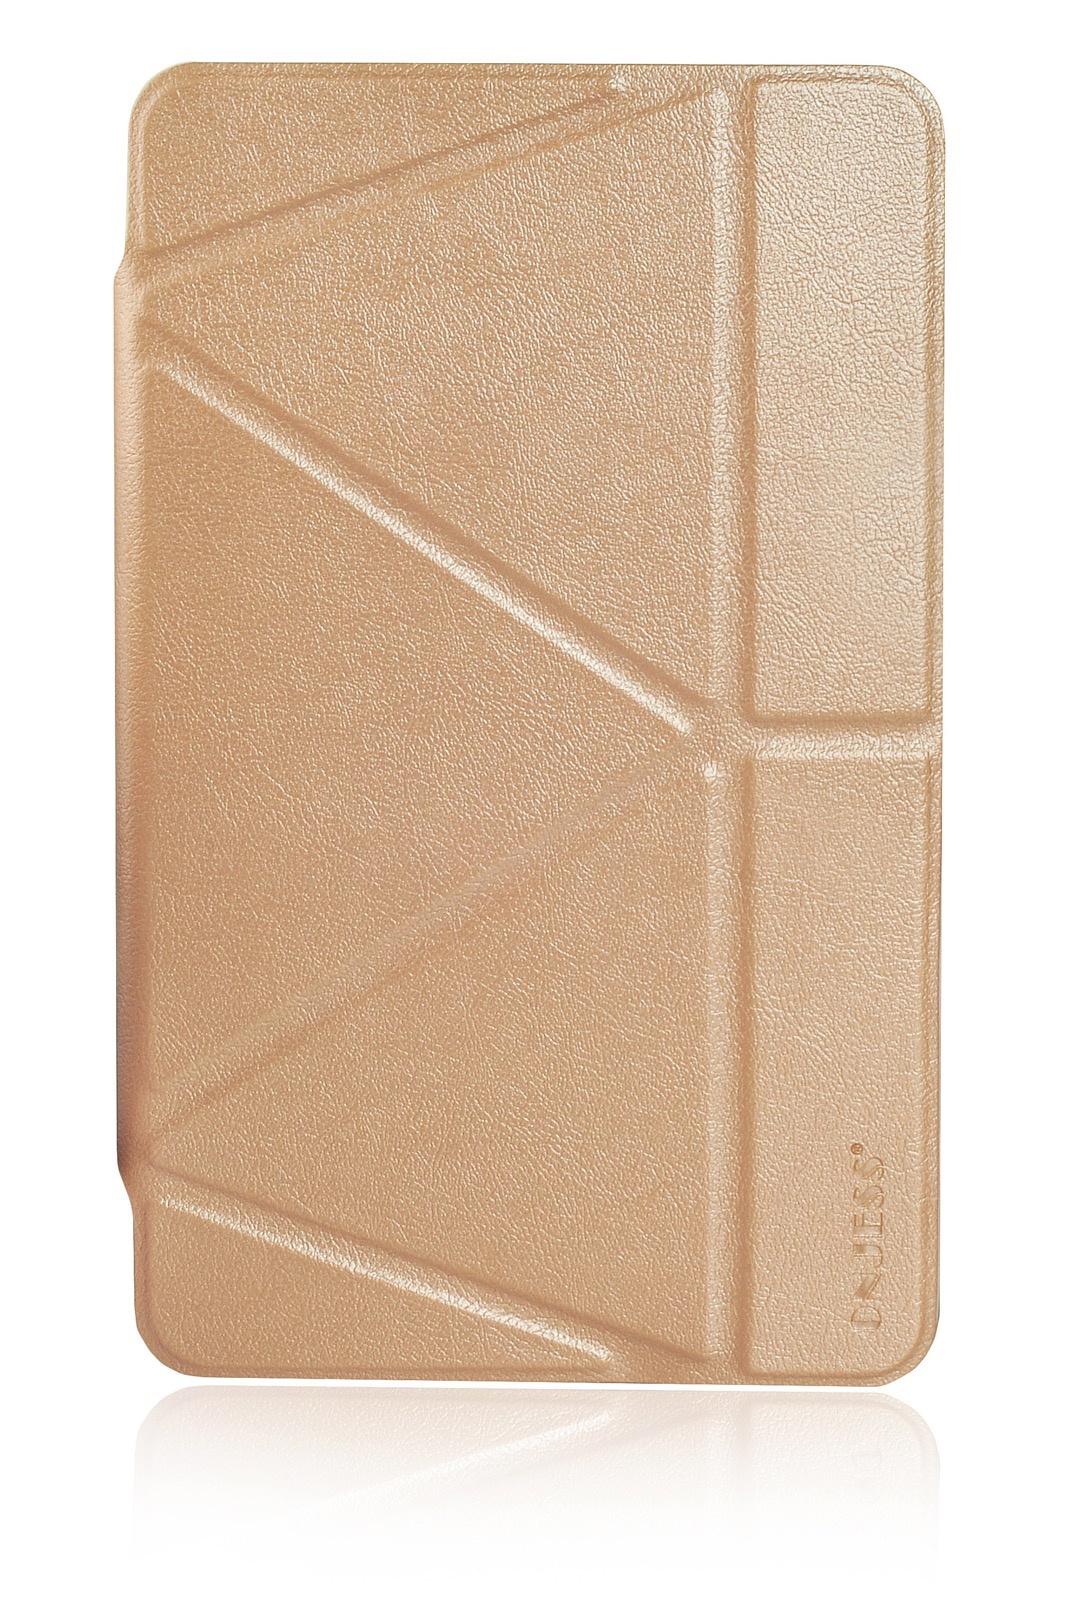 Фото - Чехол для планшета Onjess Smart для Samsung Tab S2 8.4 T 715/719, 908023, золотой [супермаркет] jingdong геб scybe фил приблизительно круглая чашка установлена в вертикальном положении стеклянной чашки 290мла 6 z